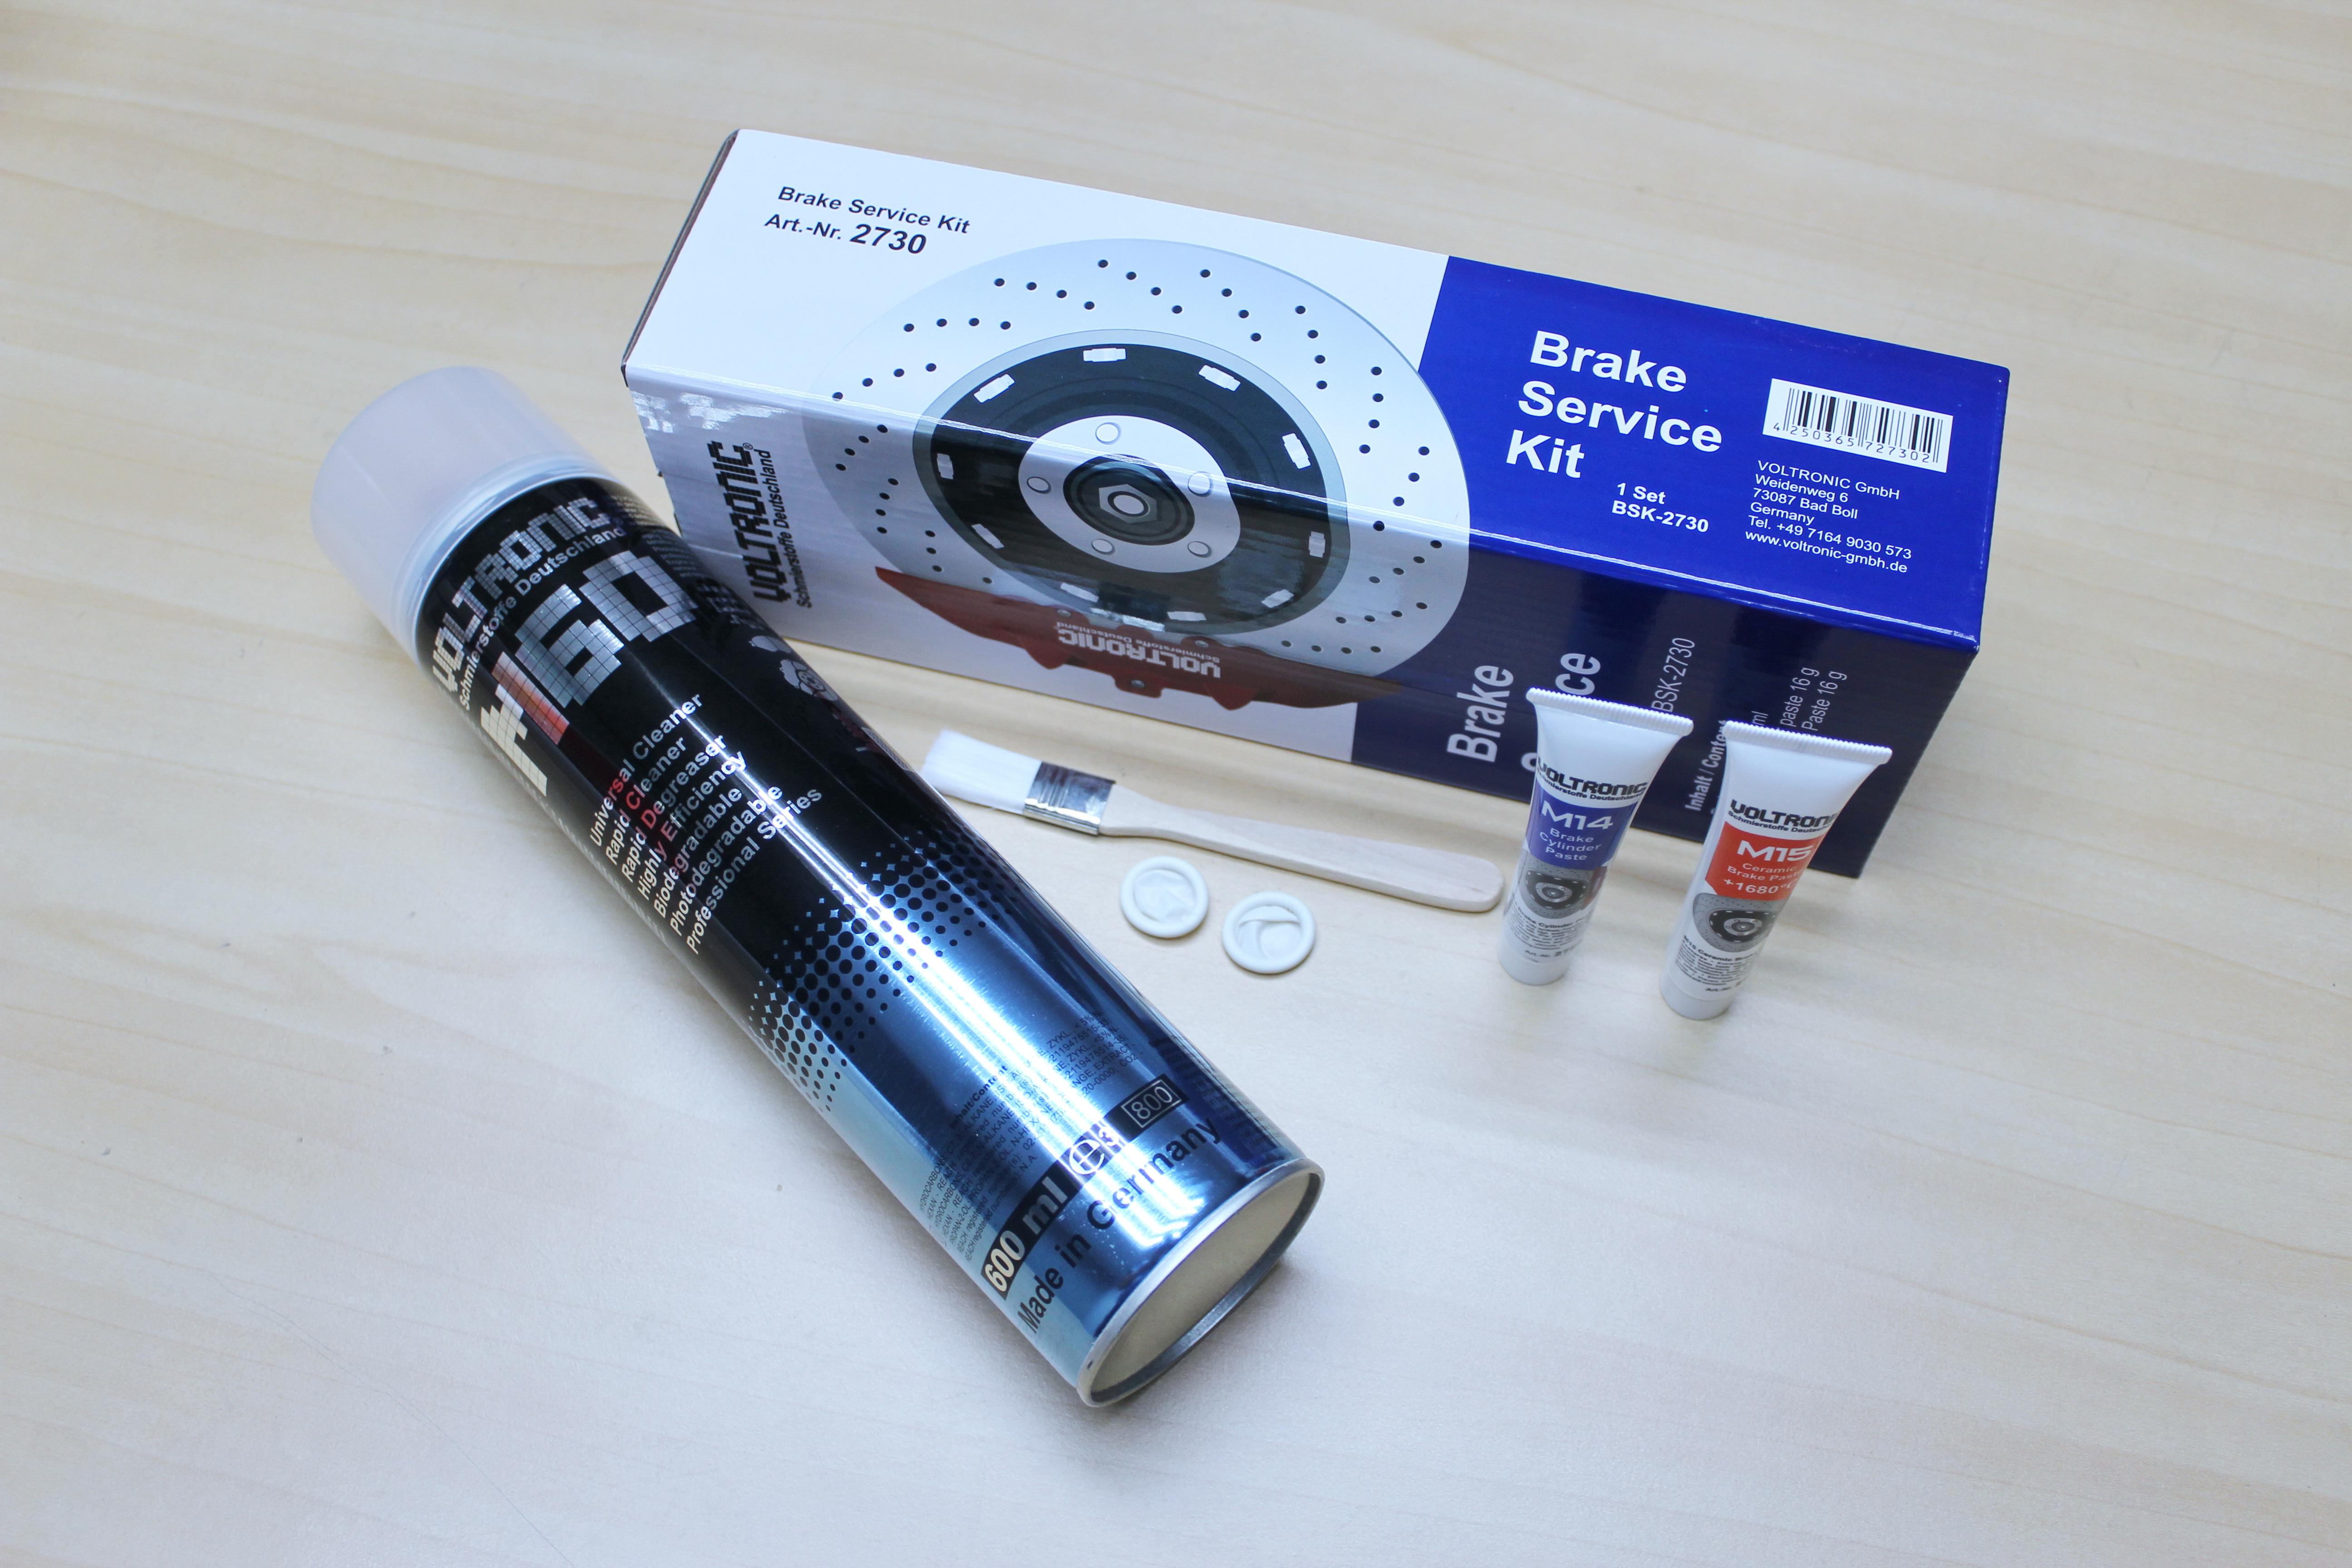 voltronic m60 m14 m15 brake service kit